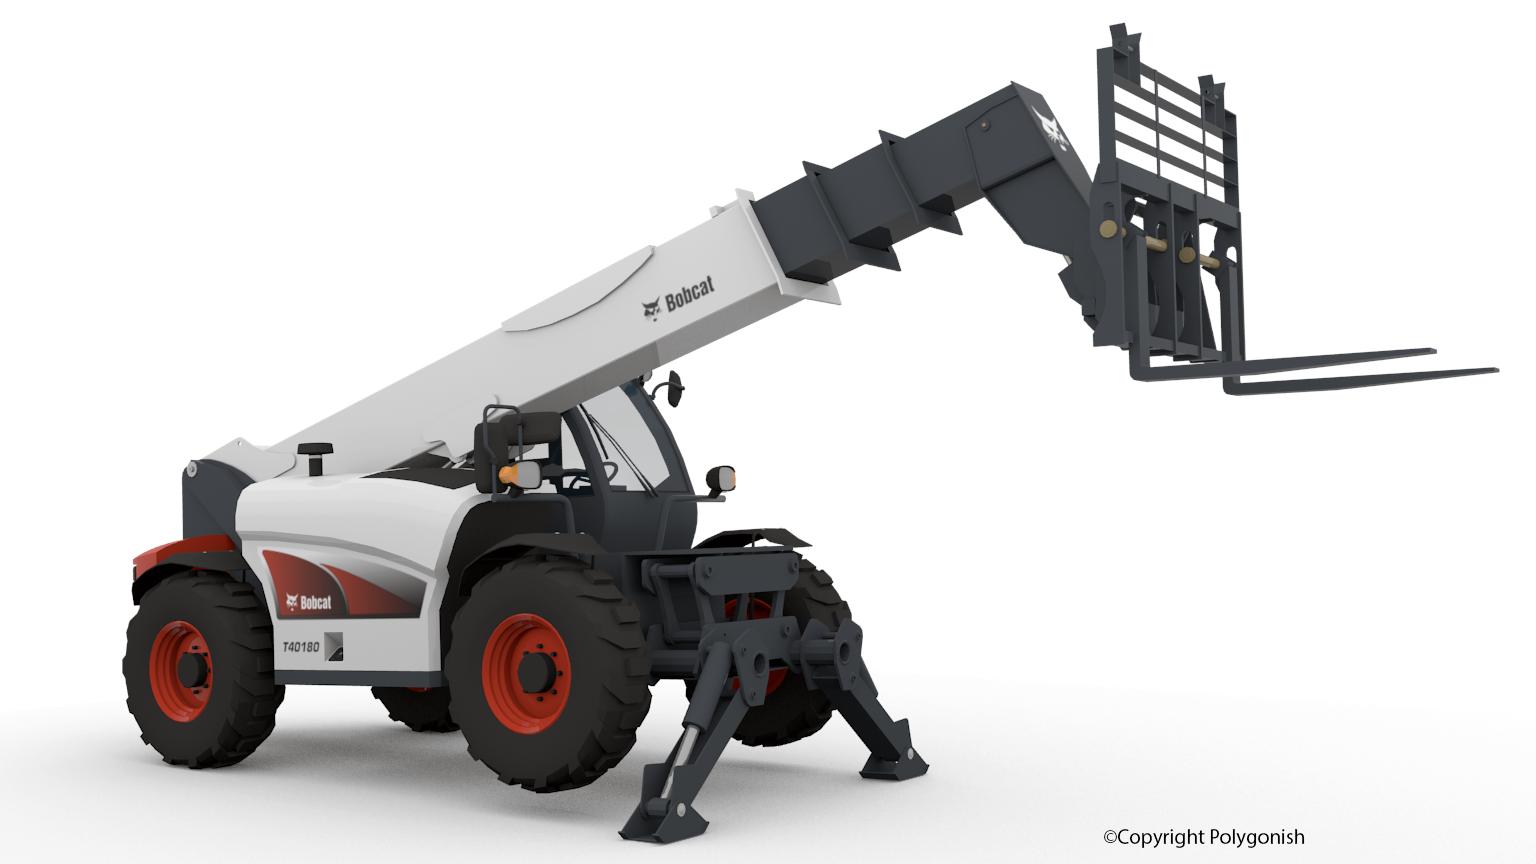 Bobcat T40180 Telehandler 3D Model